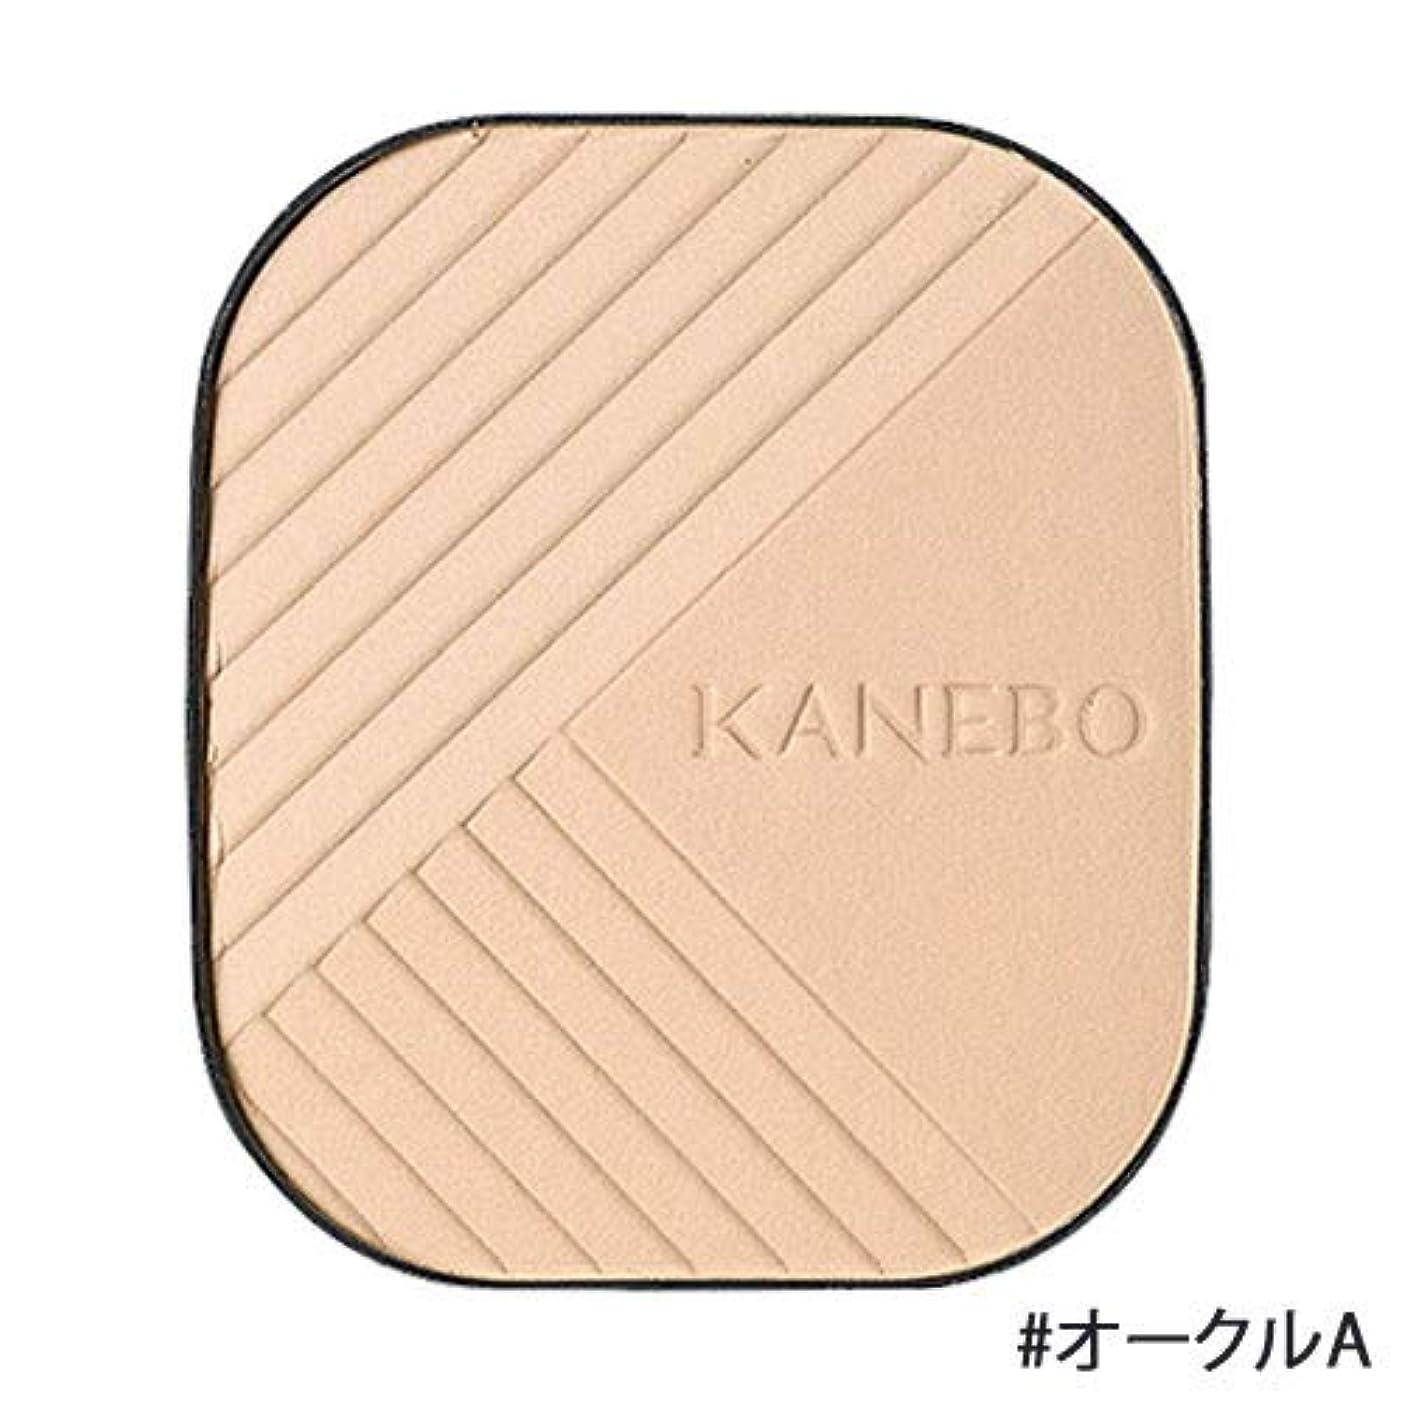 マインドフル帳面変化するKANEBO カネボウ ラスターパウダーファンデーション レフィル オークルA/OC A 9g [並行輸入品]